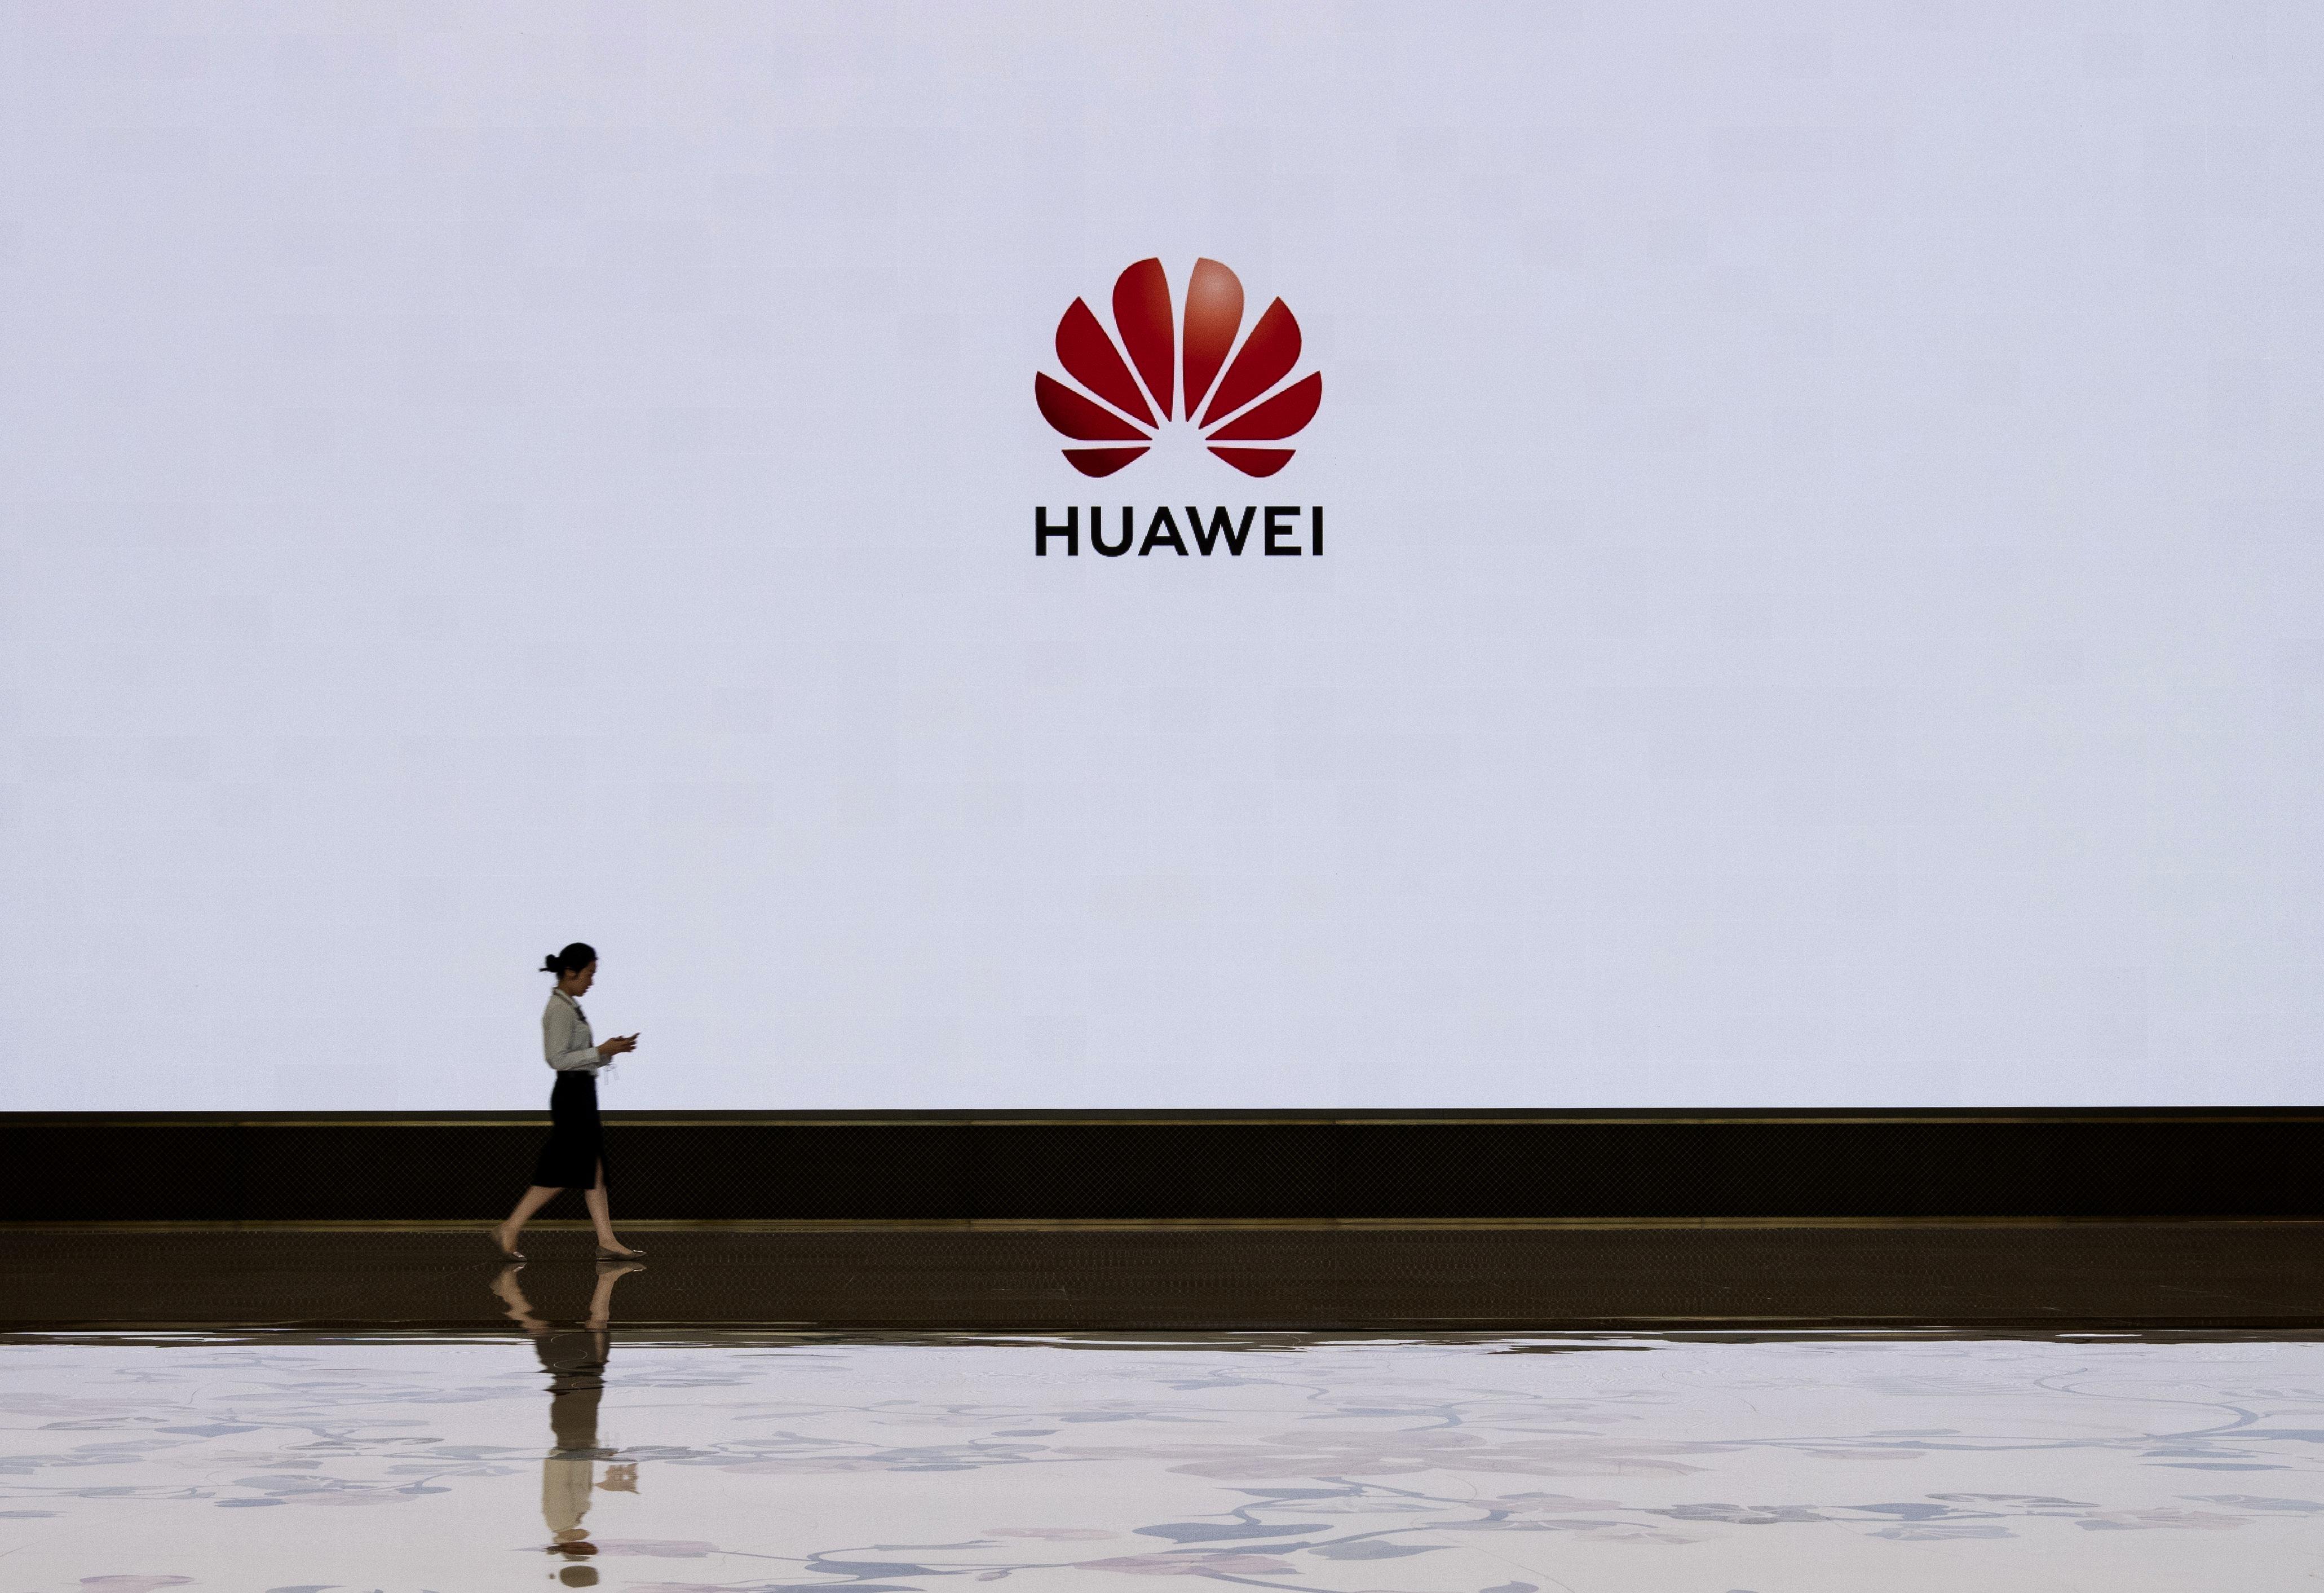 中共及受其控制的中國公司(例如華為)正在加緊招募「華府沼澤」,美國國會已注意到這個情況,並且提出法案阻止華府政治人物為外國政府遊說。 (Kevin Frayer/Getty Images)